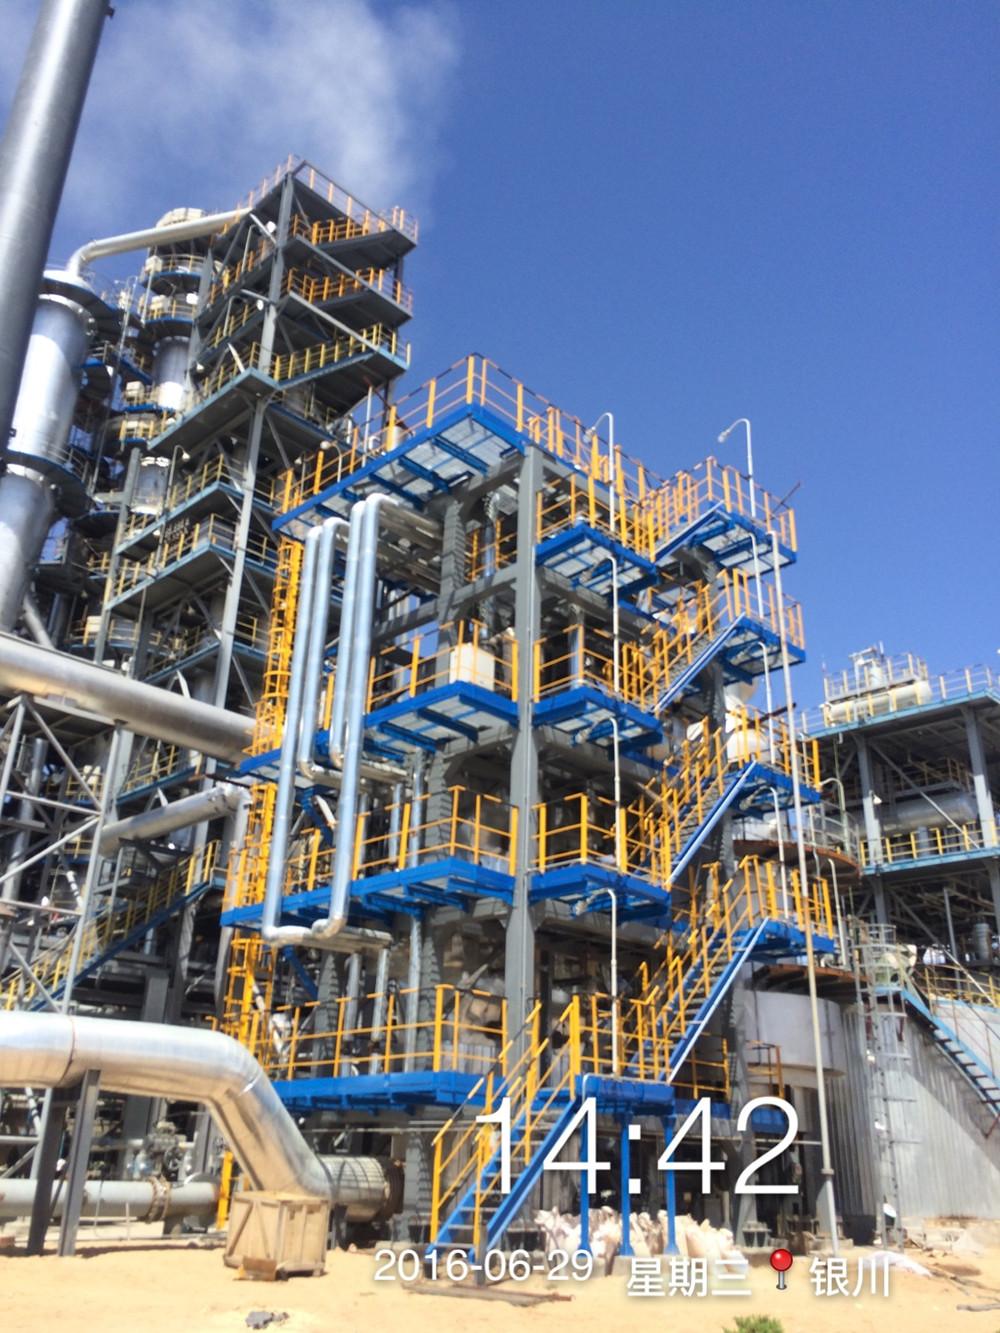 15298G宁夏宝利达化工有限公司30万吨/年污废油技改项目余热锅炉3